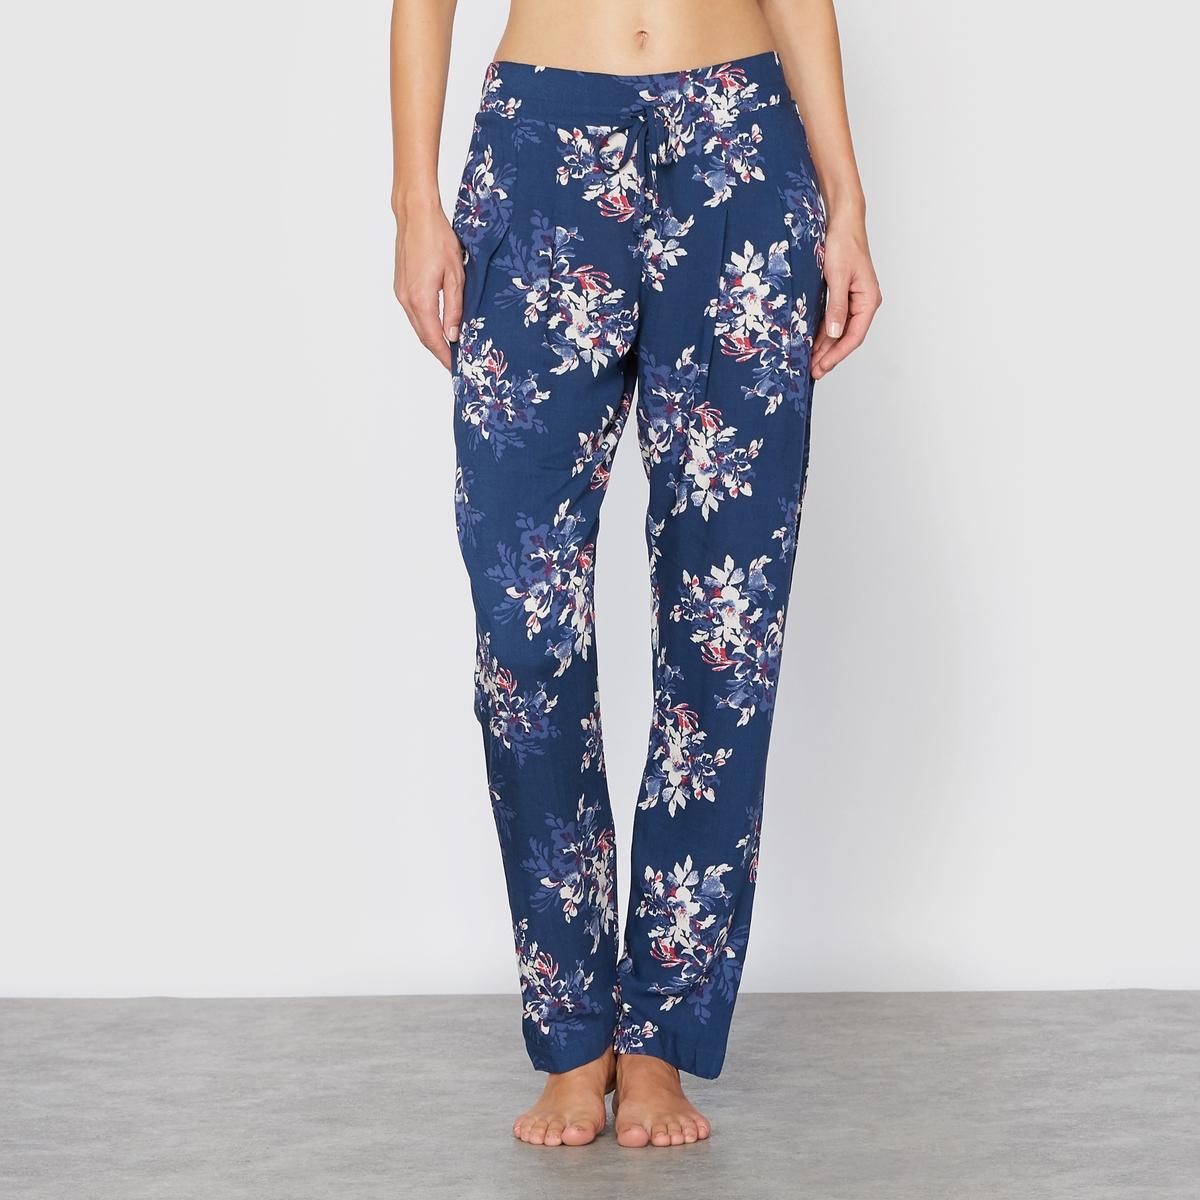 Брюки пижамные Hanami LoveБрюки пижамные Hanami Love от Skiny. Брюки прямого покроя с цветочным принтом и завязками в кулиске на поясе. Несколько защипов спереди, придающих симпатичный вид ниспадающей на ногу ткани. Состав и детали :Основной материал : 100% вискозаМарка : SKINYУходМашинная стирка при 30°Стирать вместе с одеждой подобных цветов<br><br>Цвет: синий/цветы